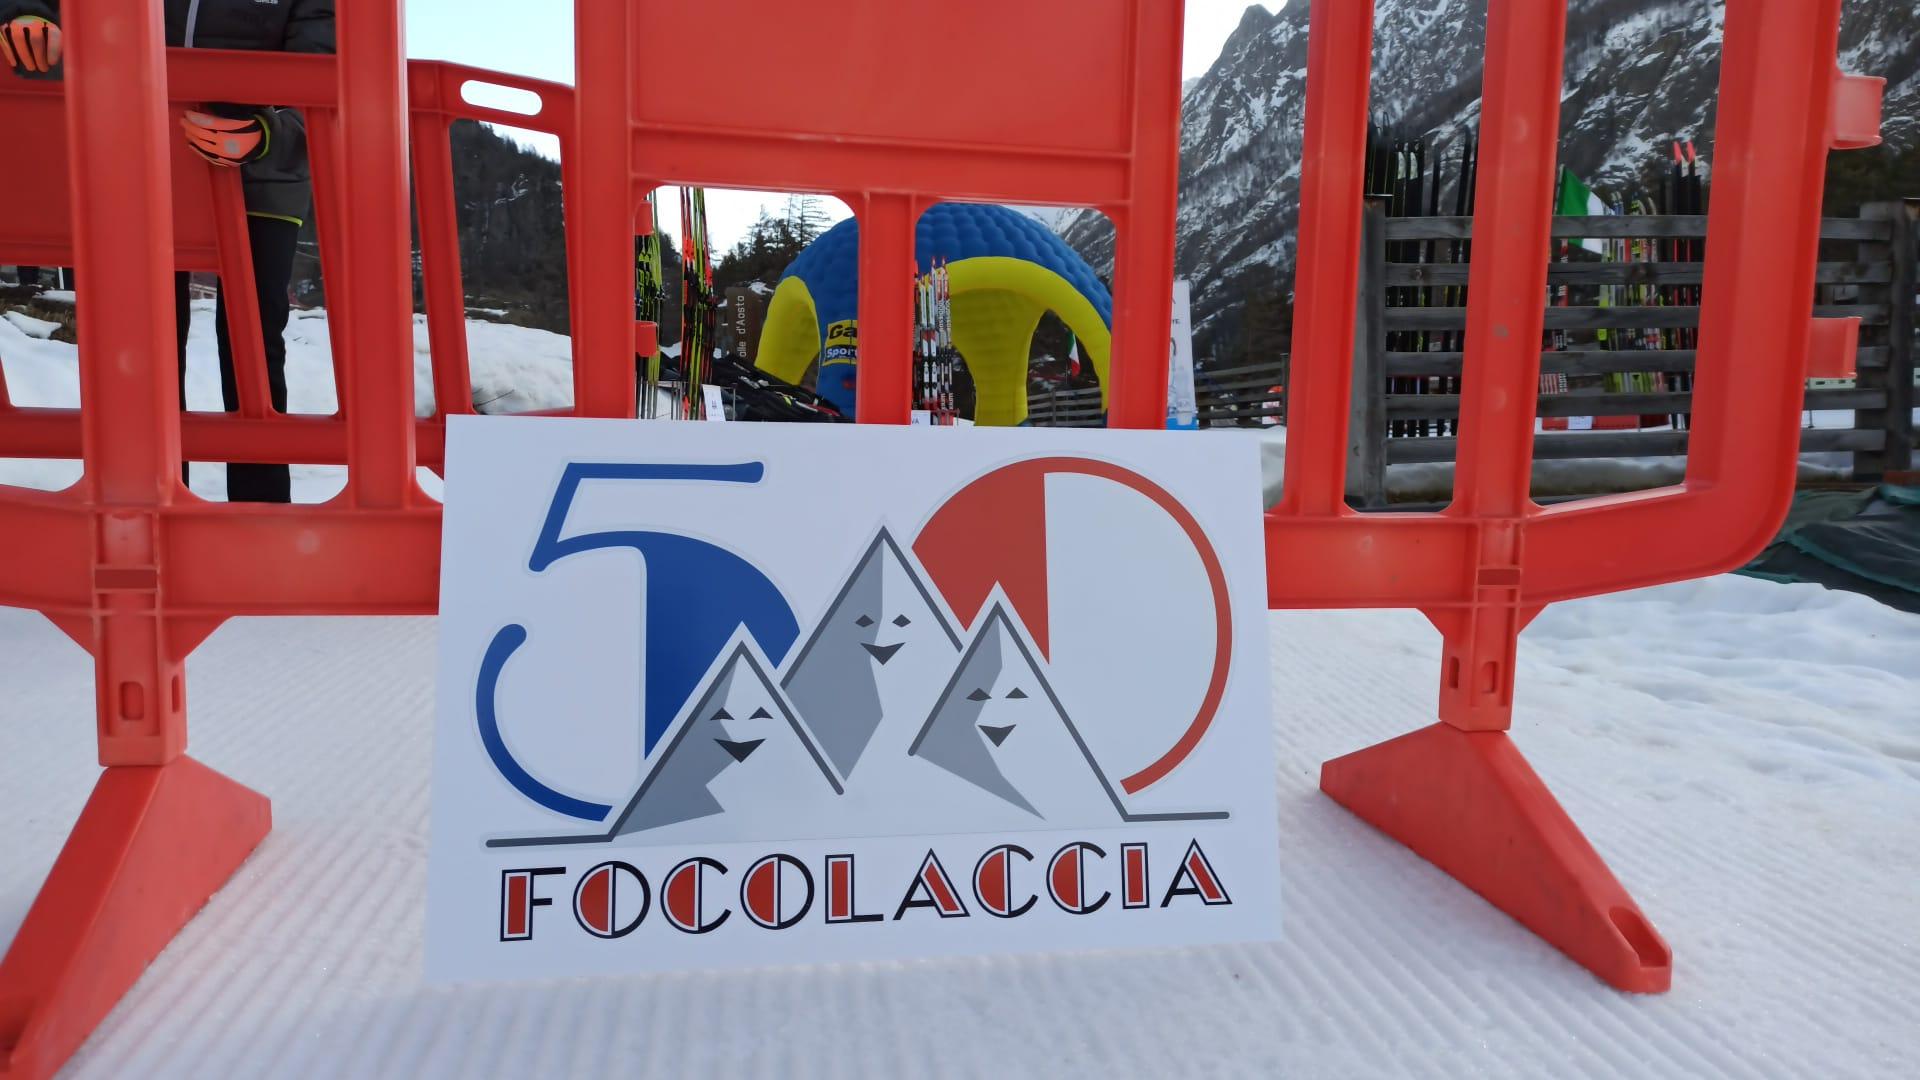 SUCCESSO ORGANIZZATIVO FOCOLACCIA Campionati Italiani biathlon a Bionaz